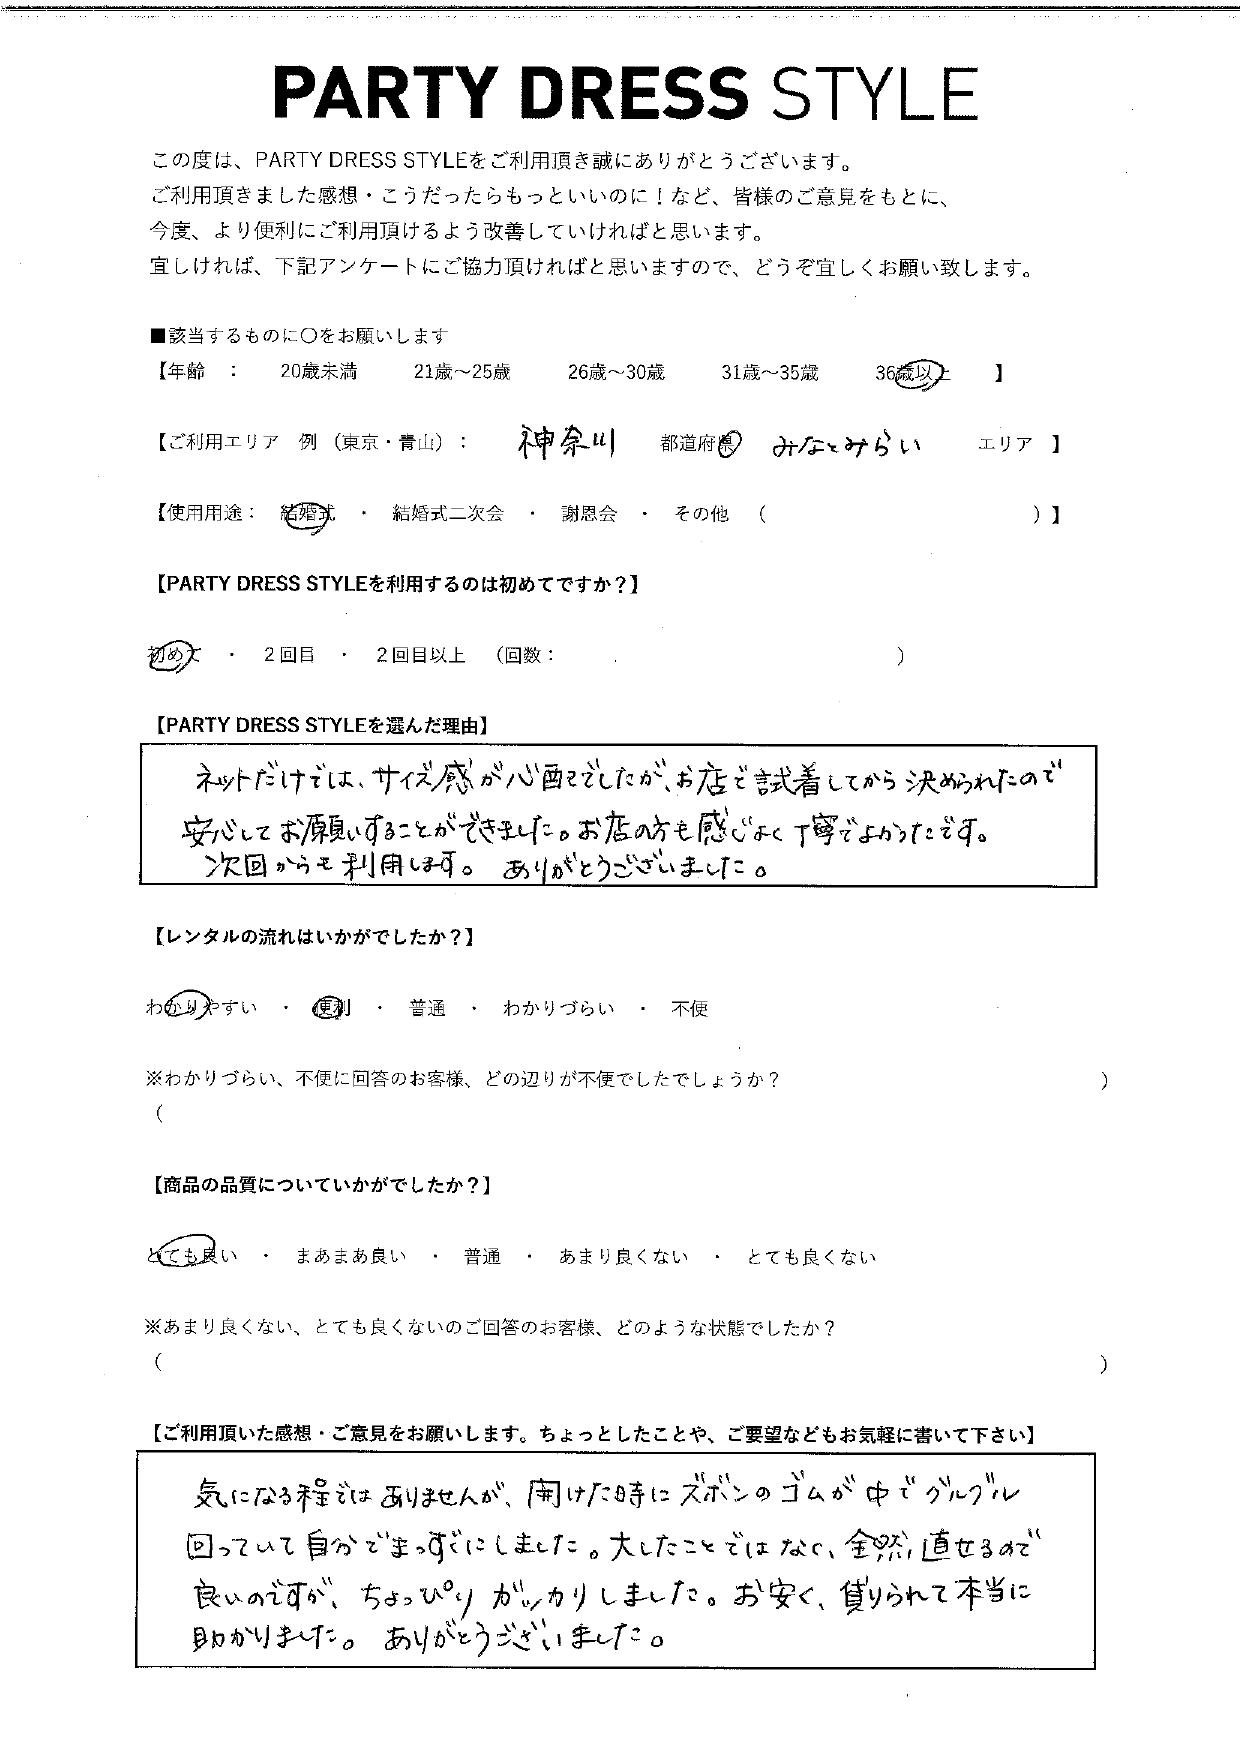 9/20 結婚式ご利用 神奈川・みなとみらいエリア